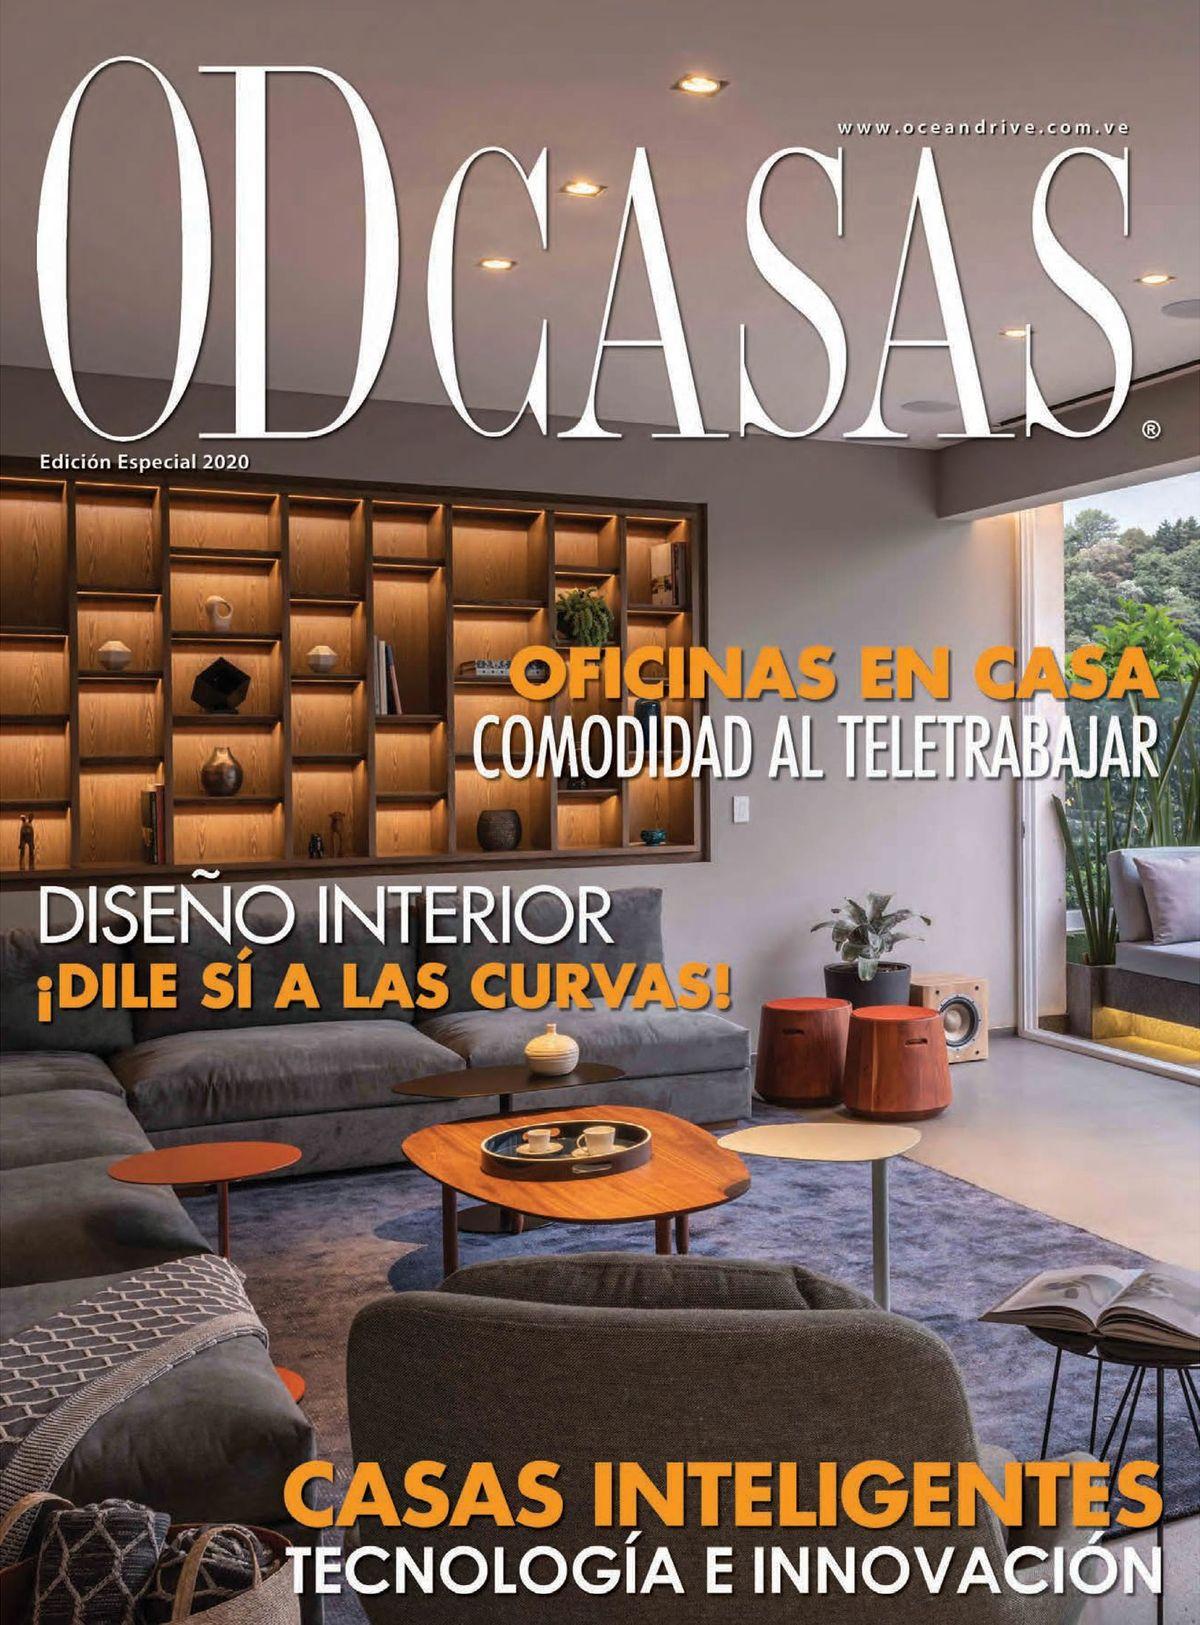 Ocean Drive Casa Edición Especial 2020 - Página 00A